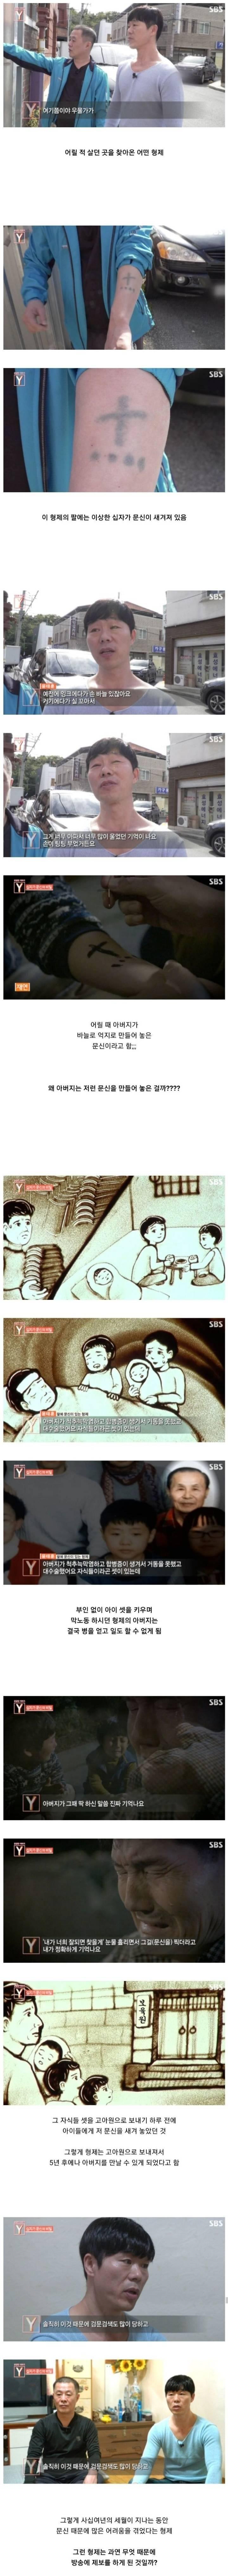 스압) 어린 자식들 팔에 억지로 문신을 새긴 아버지.jpg | 인스티즈